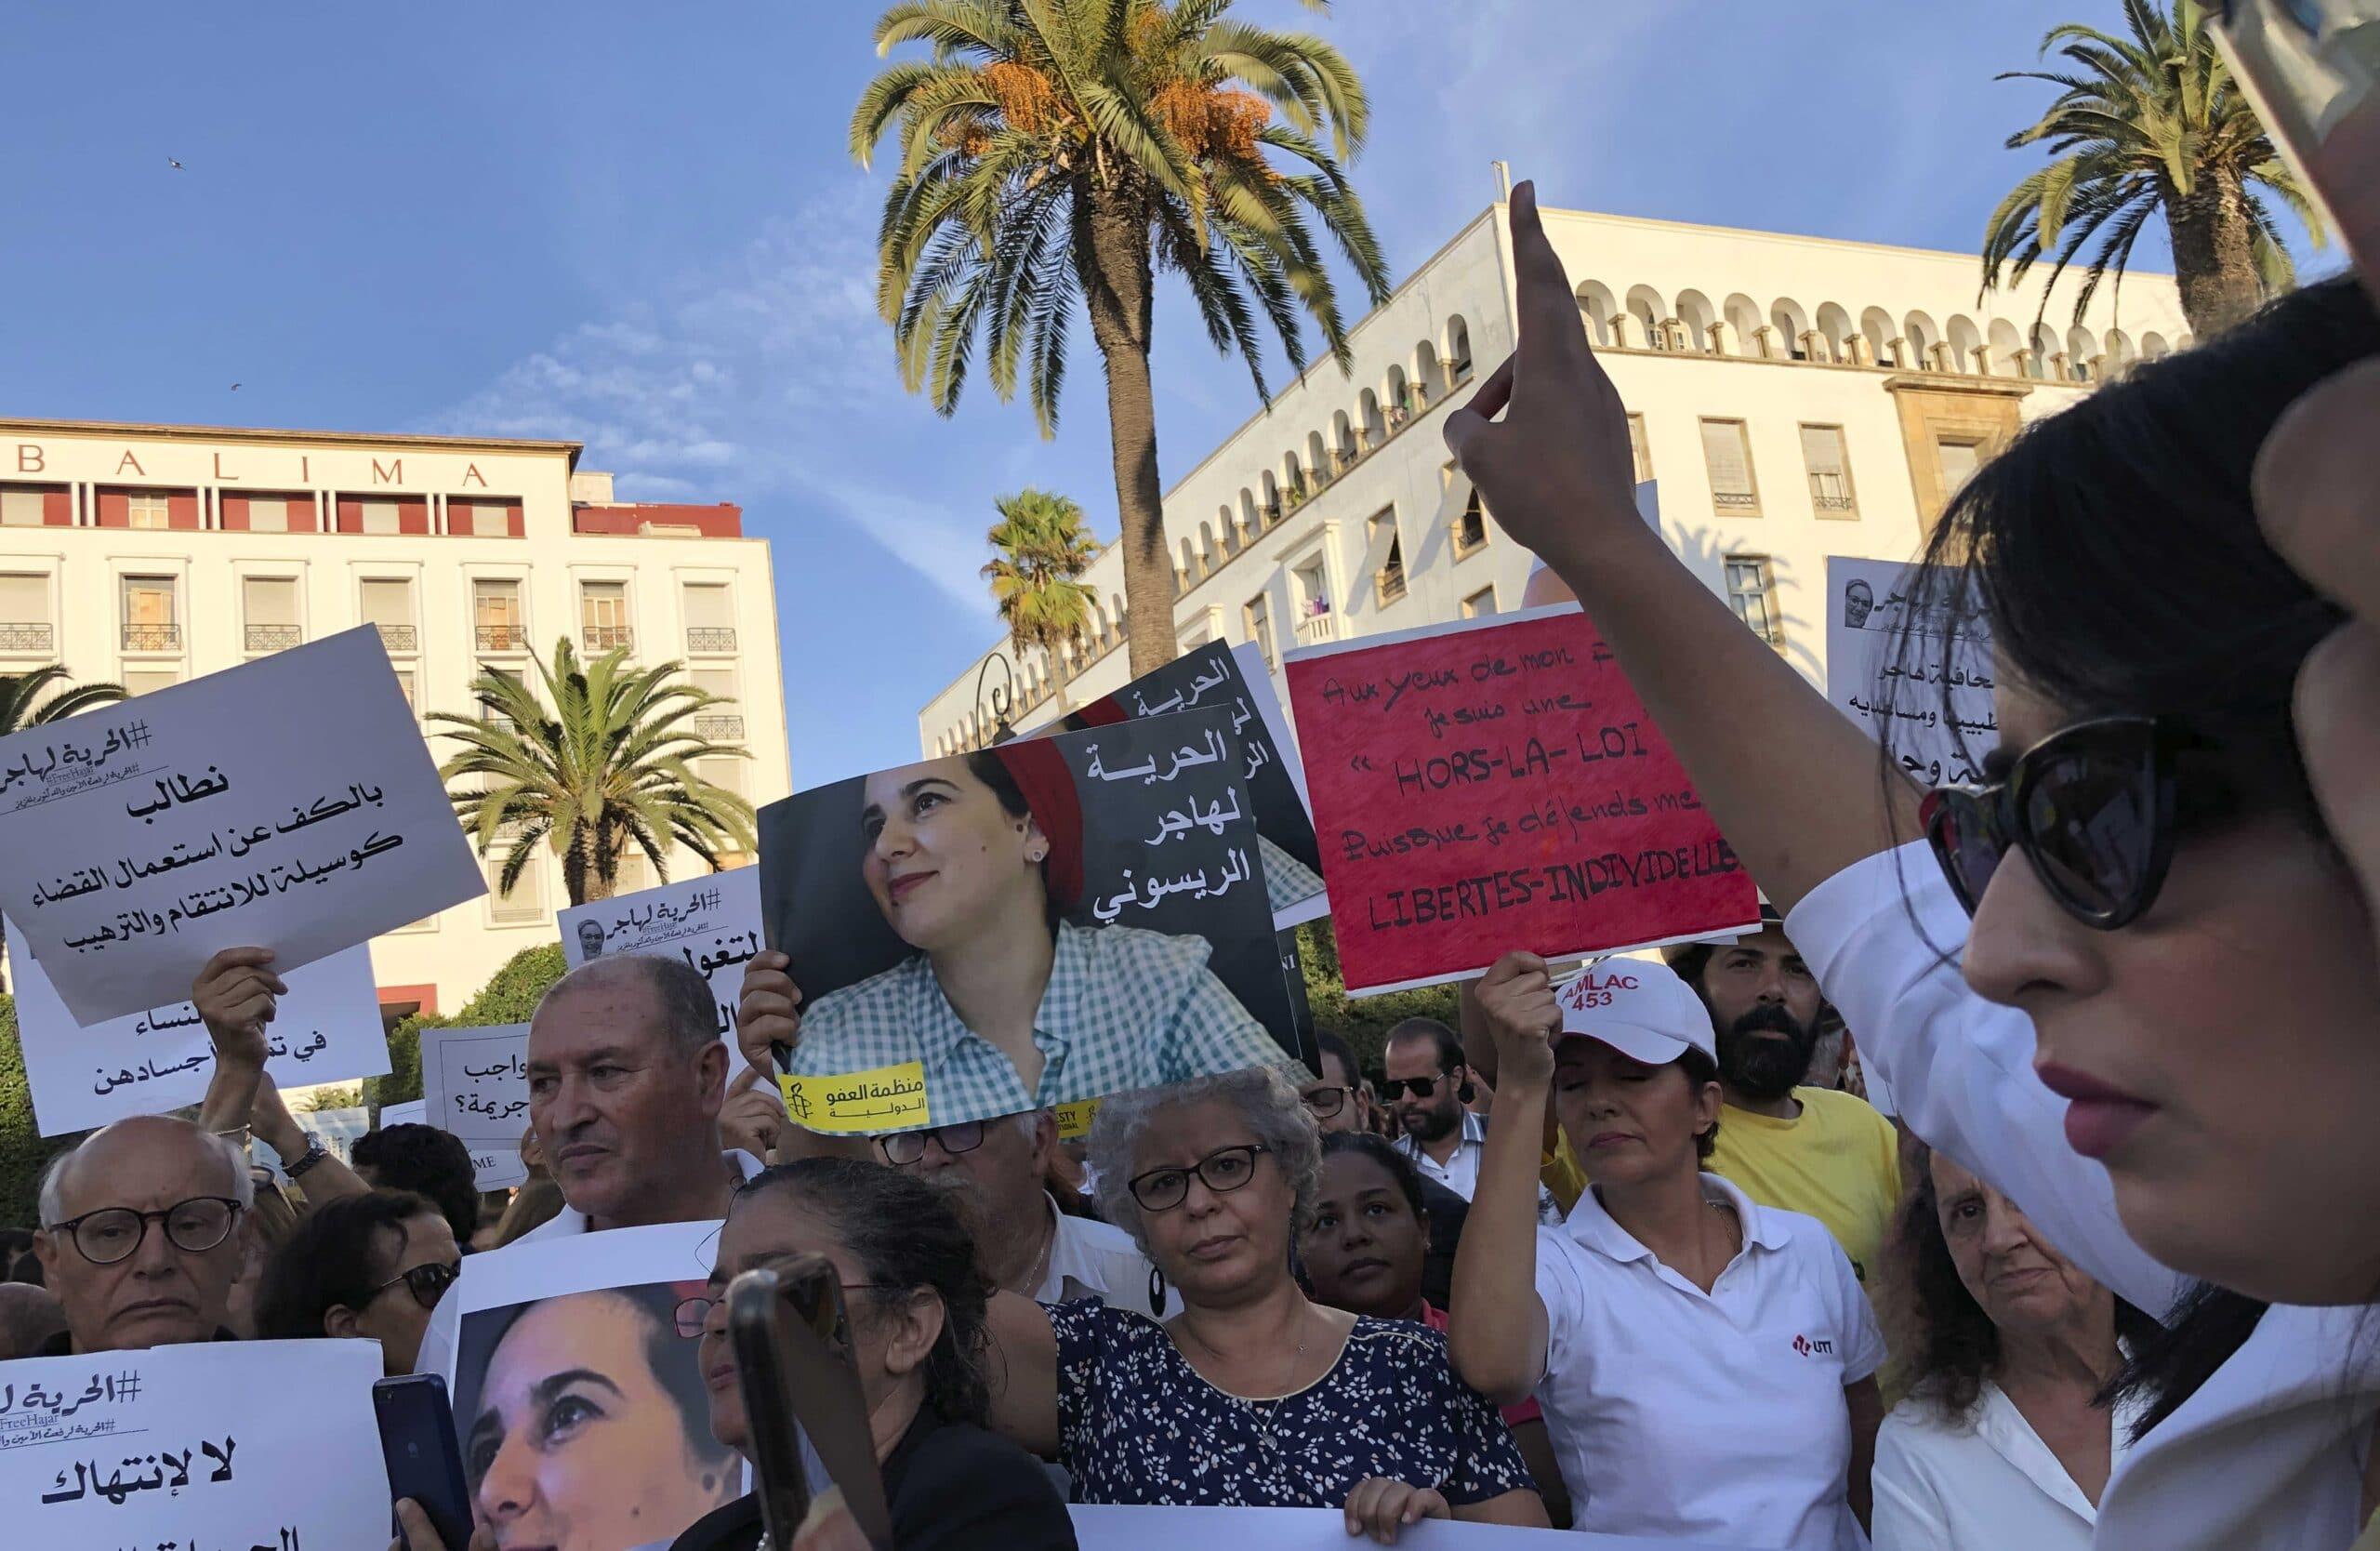 واقع مرير للصحفيات في المغرب تكشفه دراسة حديثة بينها التحرش وتدني الرواتب